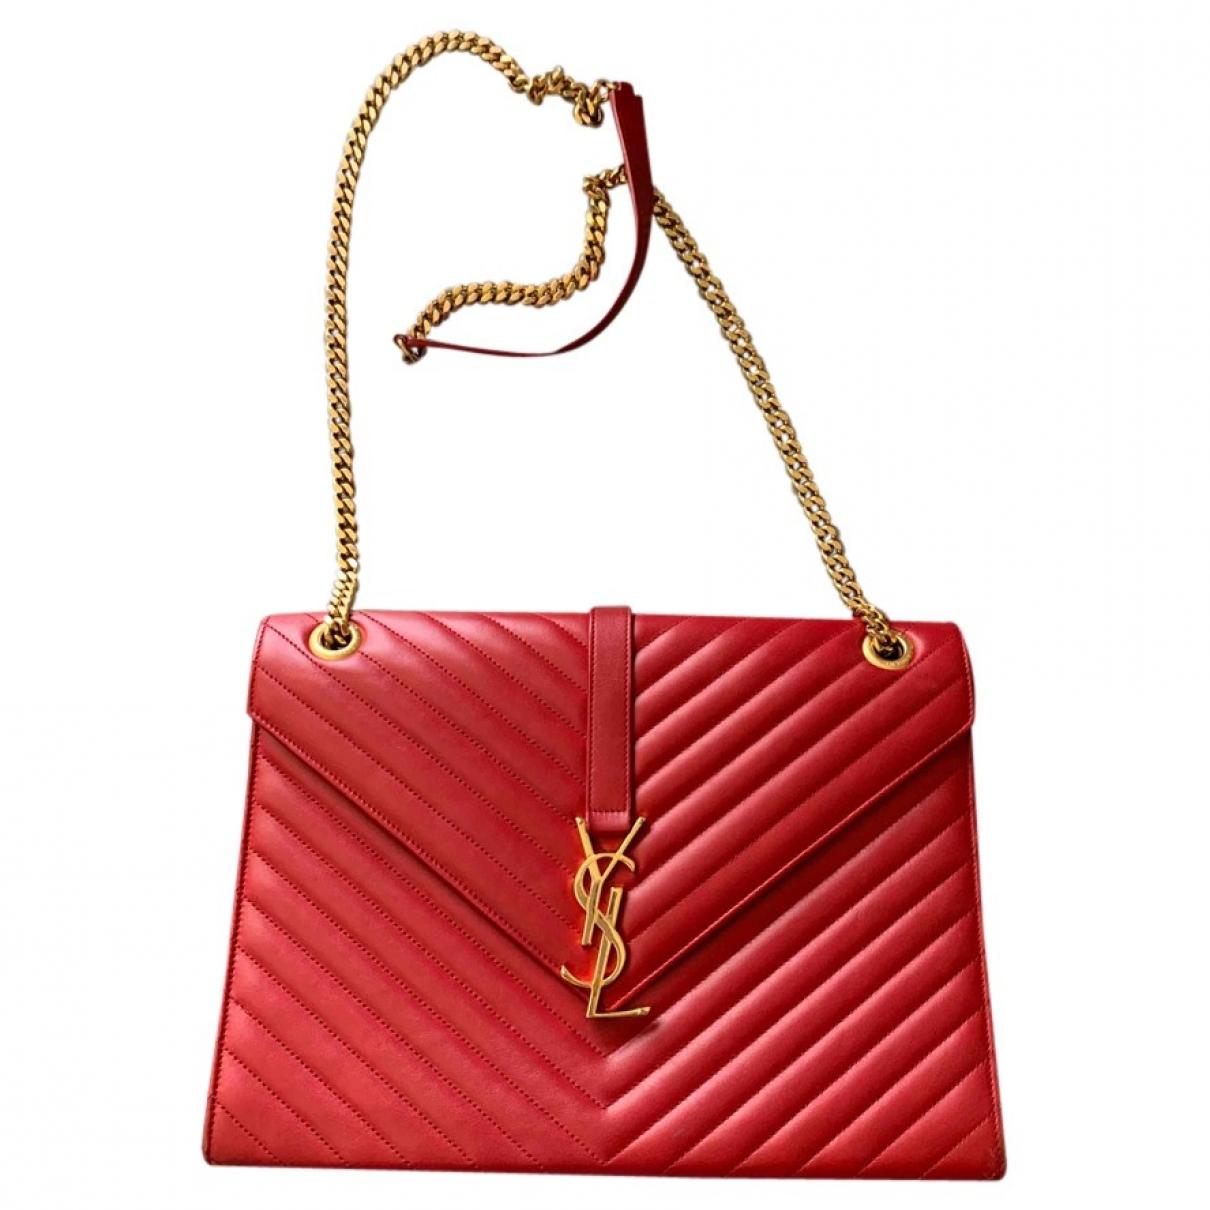 Saint Laurent - Sac a main Satchel monogramme pour femme en cuir - rouge